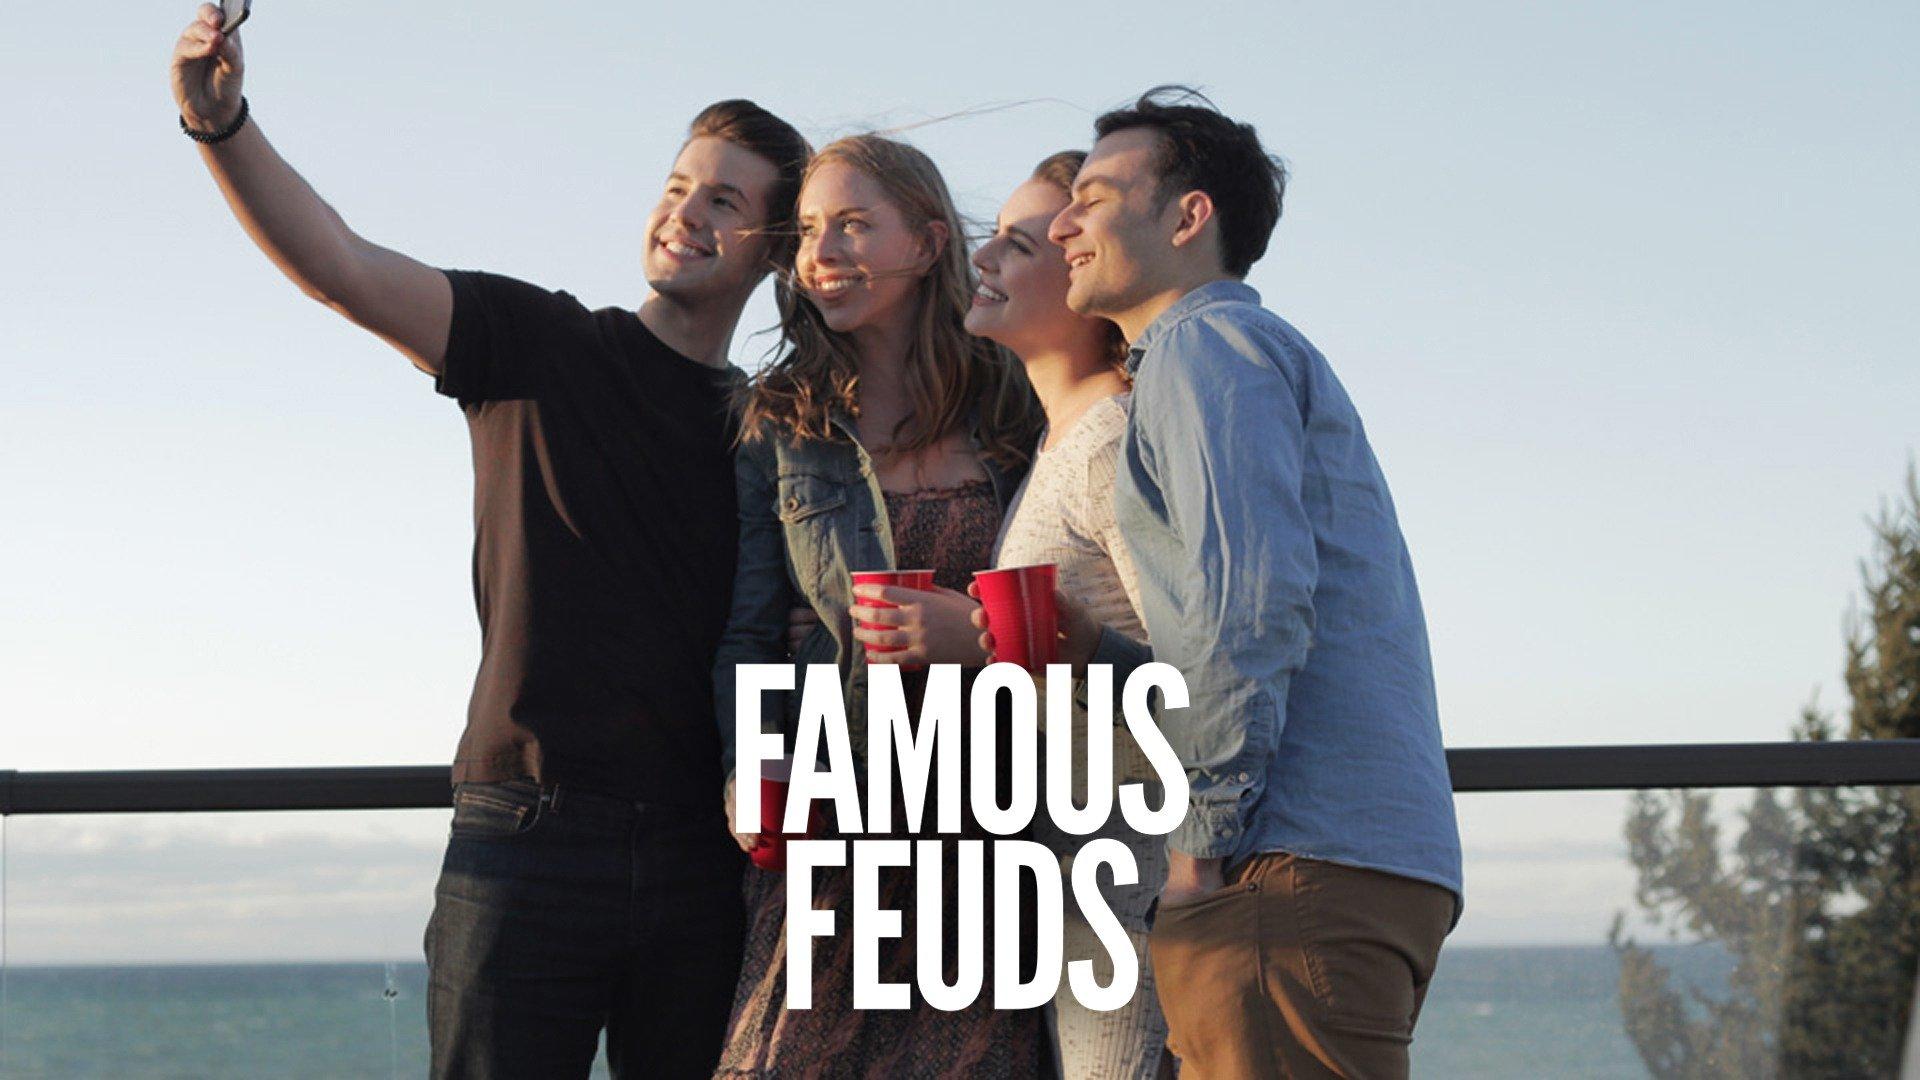 Famous Feuds